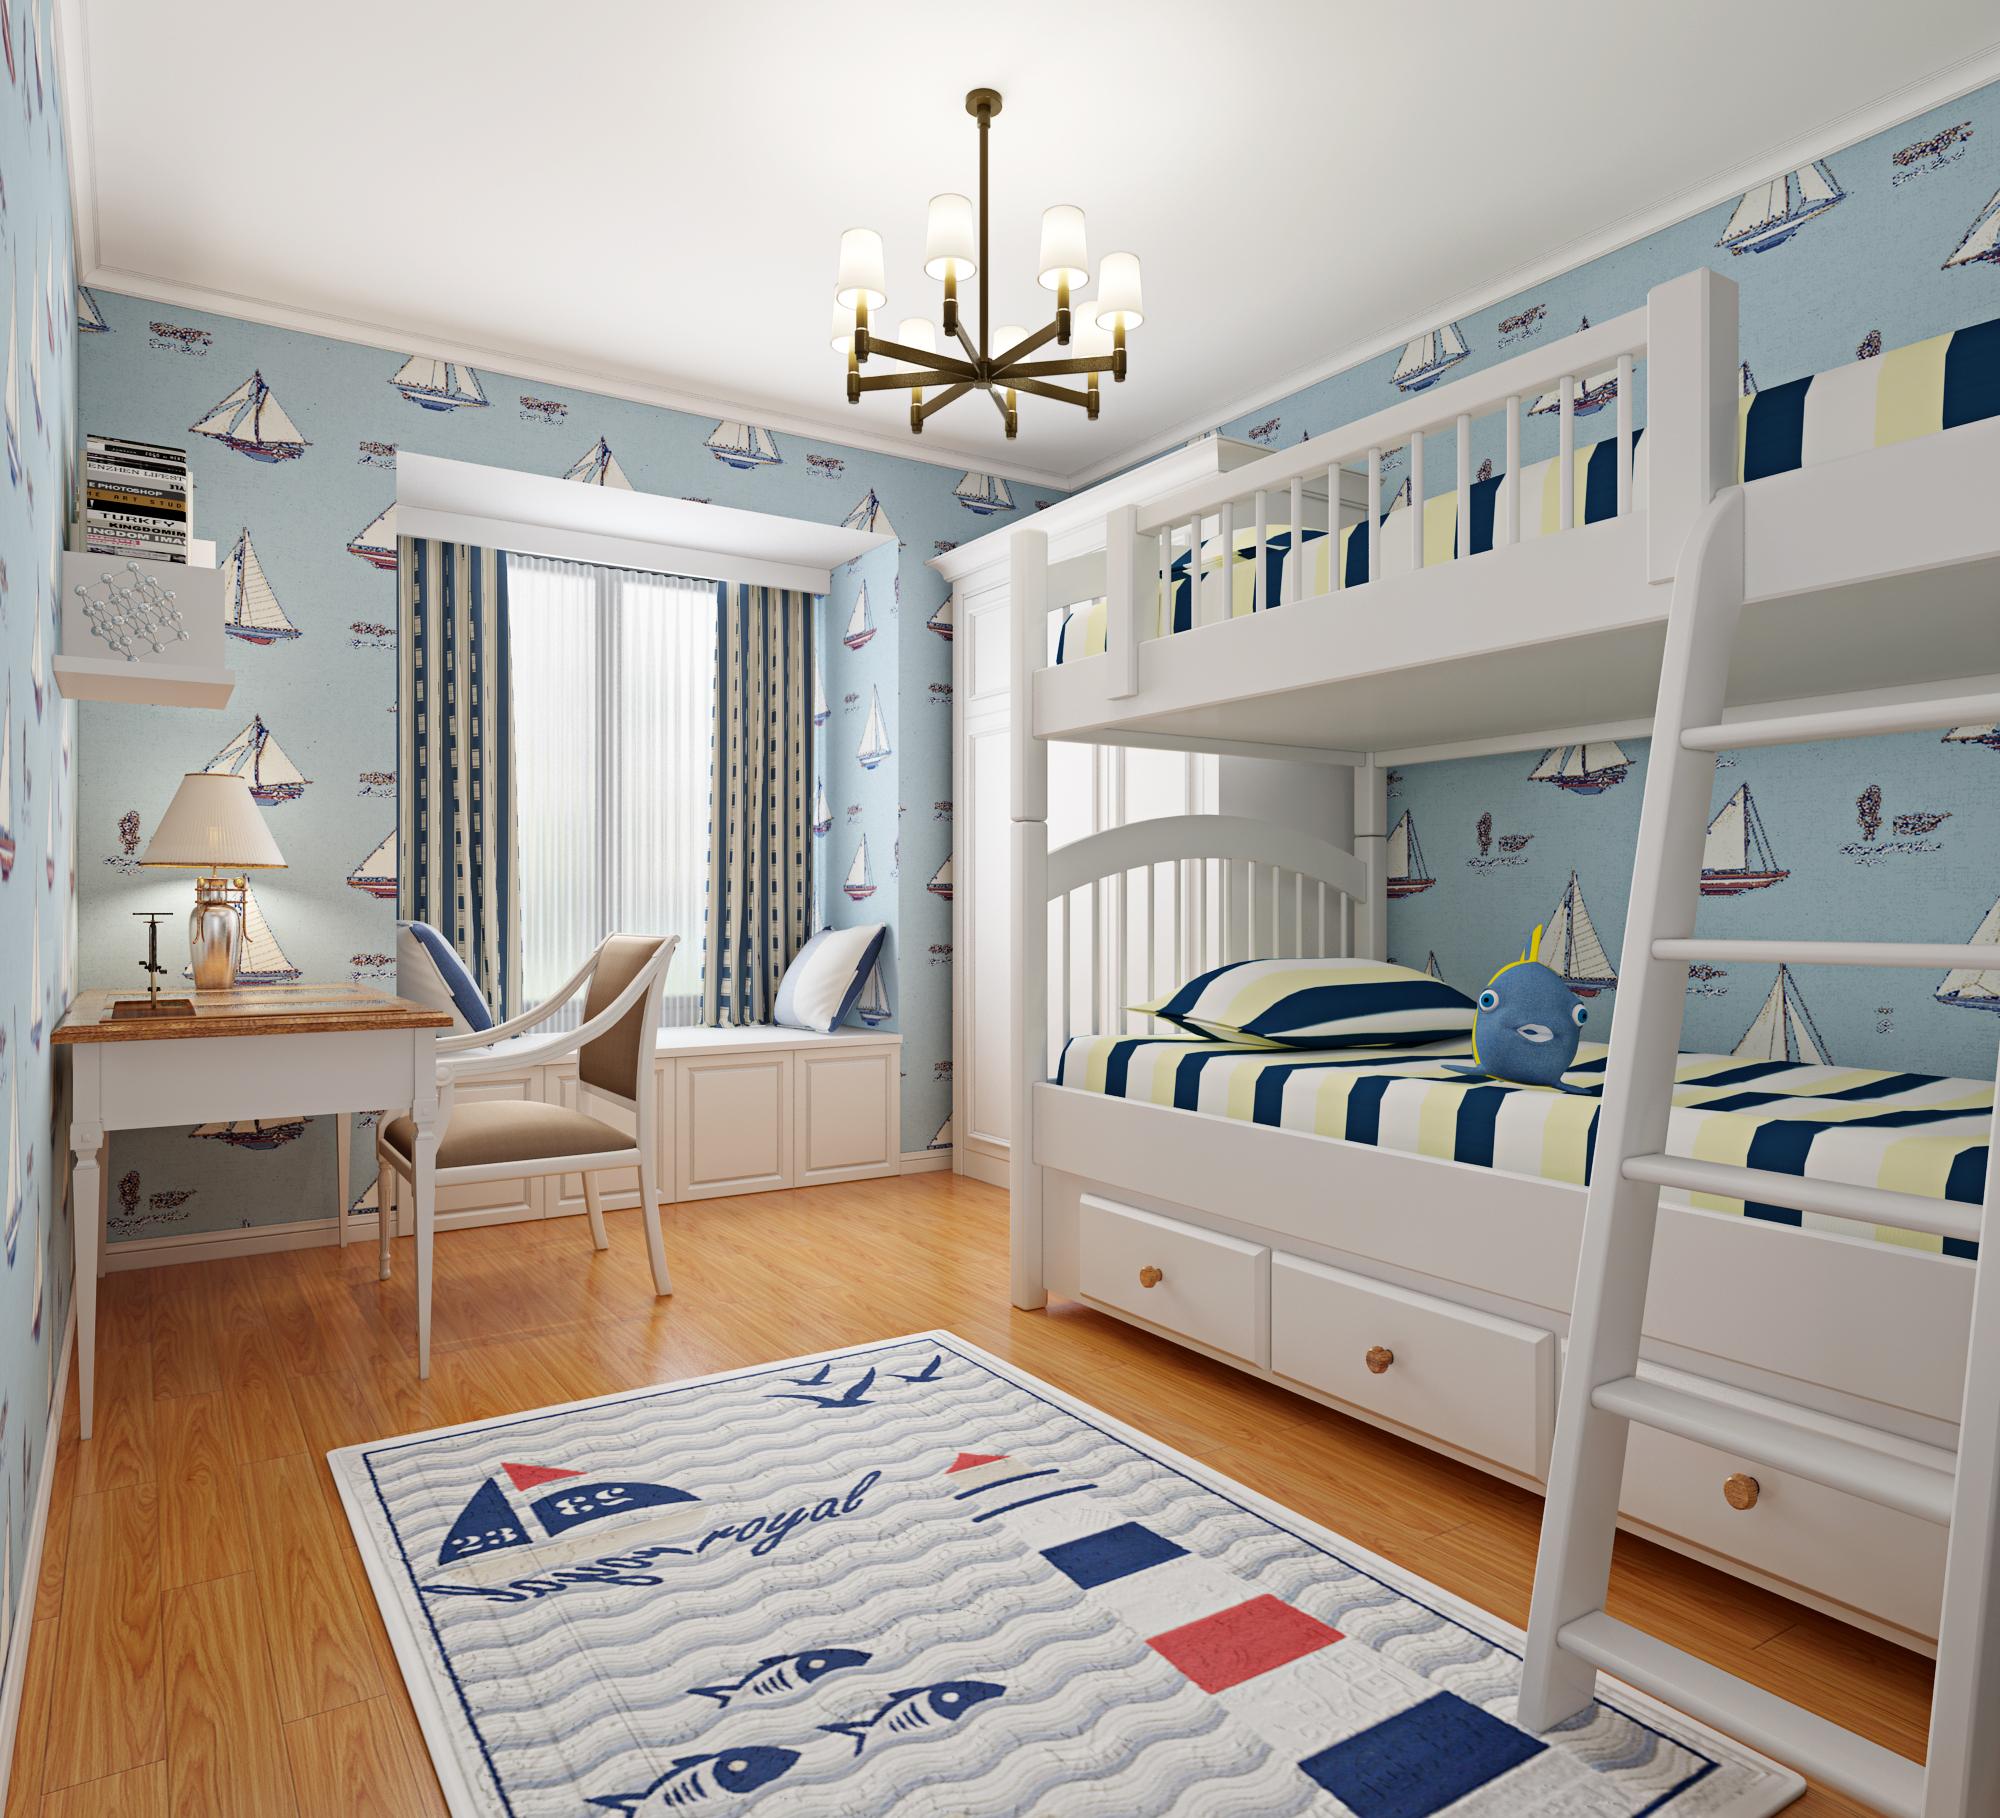 中豪汇景湾 简约美式风 实创装饰 装修设计 儿童房图片来自夏曼在实创装修中豪汇景湾简约美式风格的分享